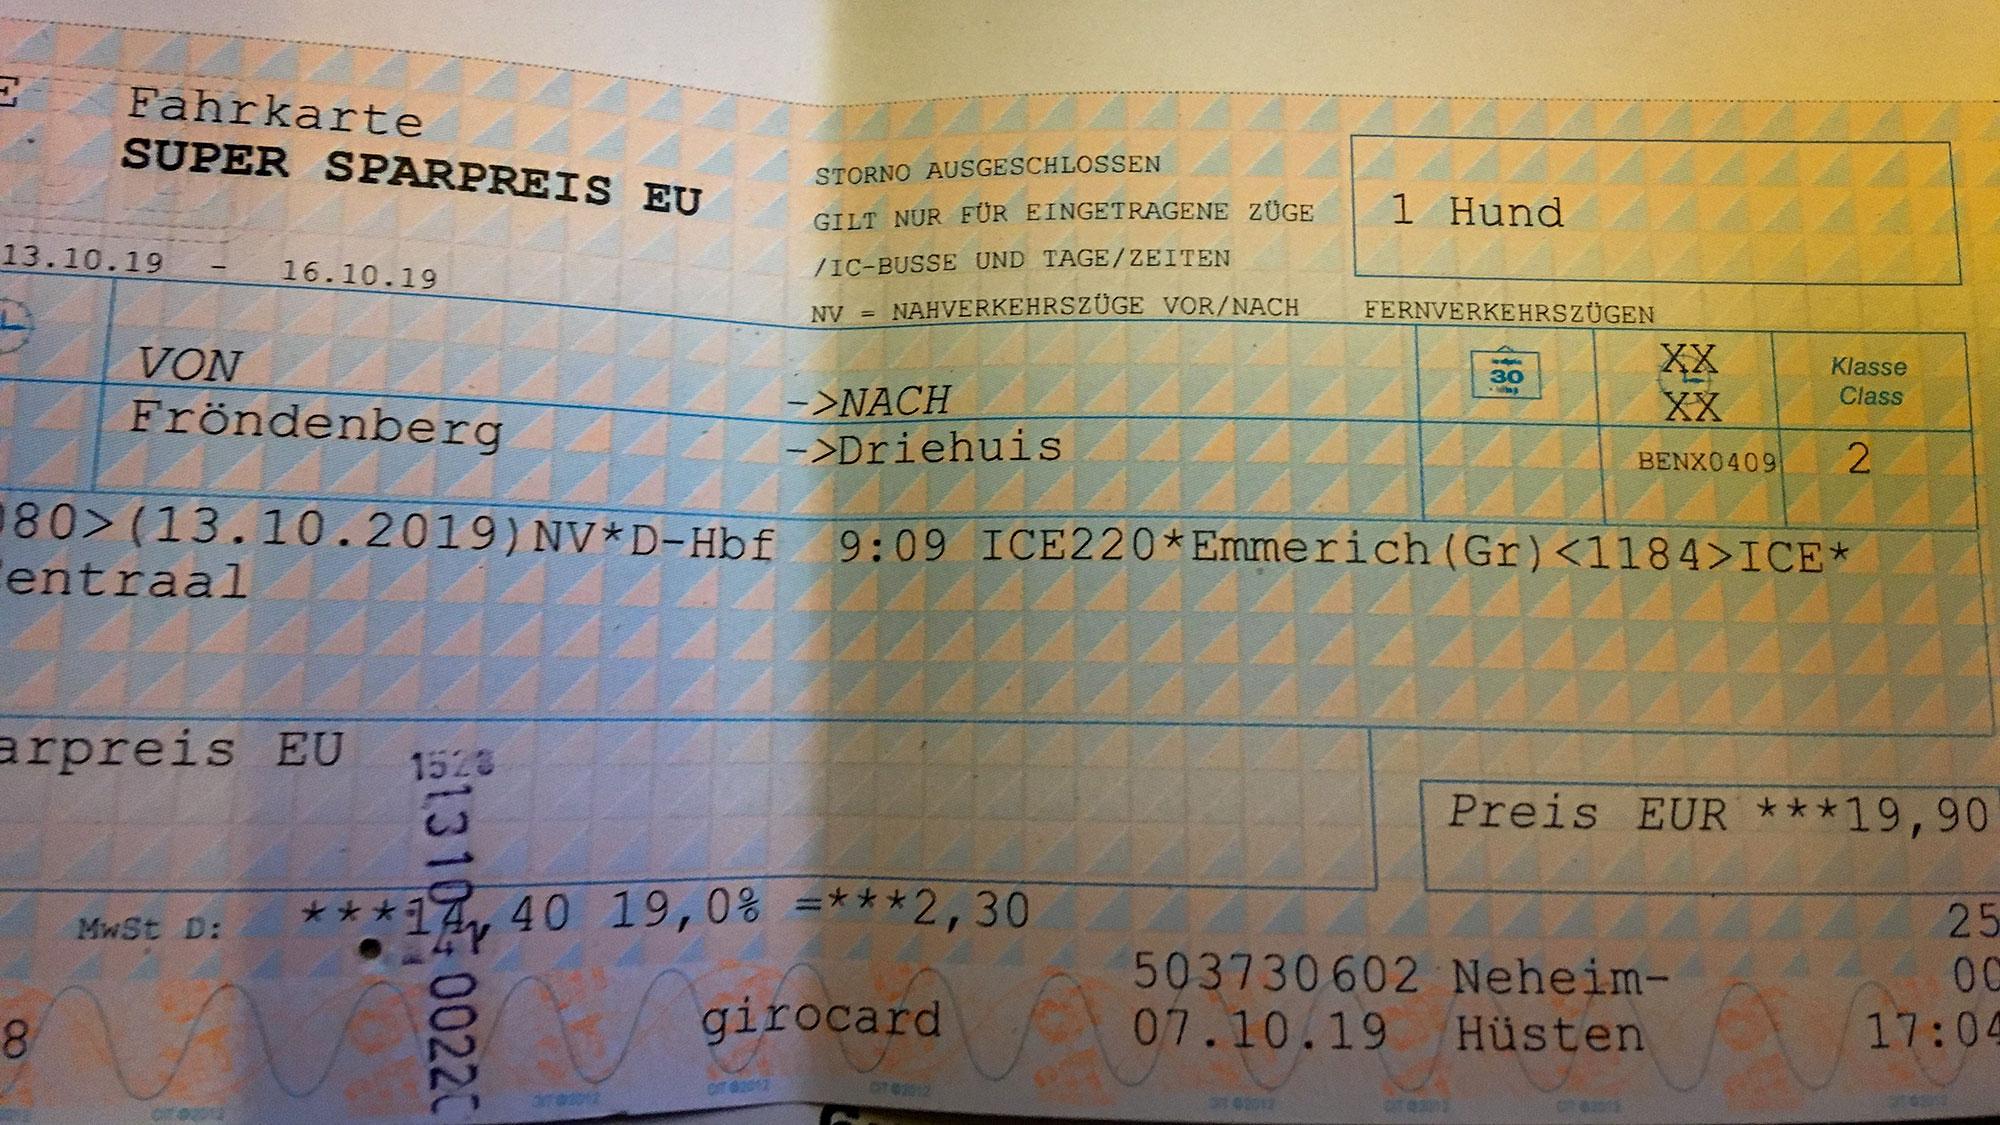 Bahnticket für Hund von Fröndenberg nach Driehuis